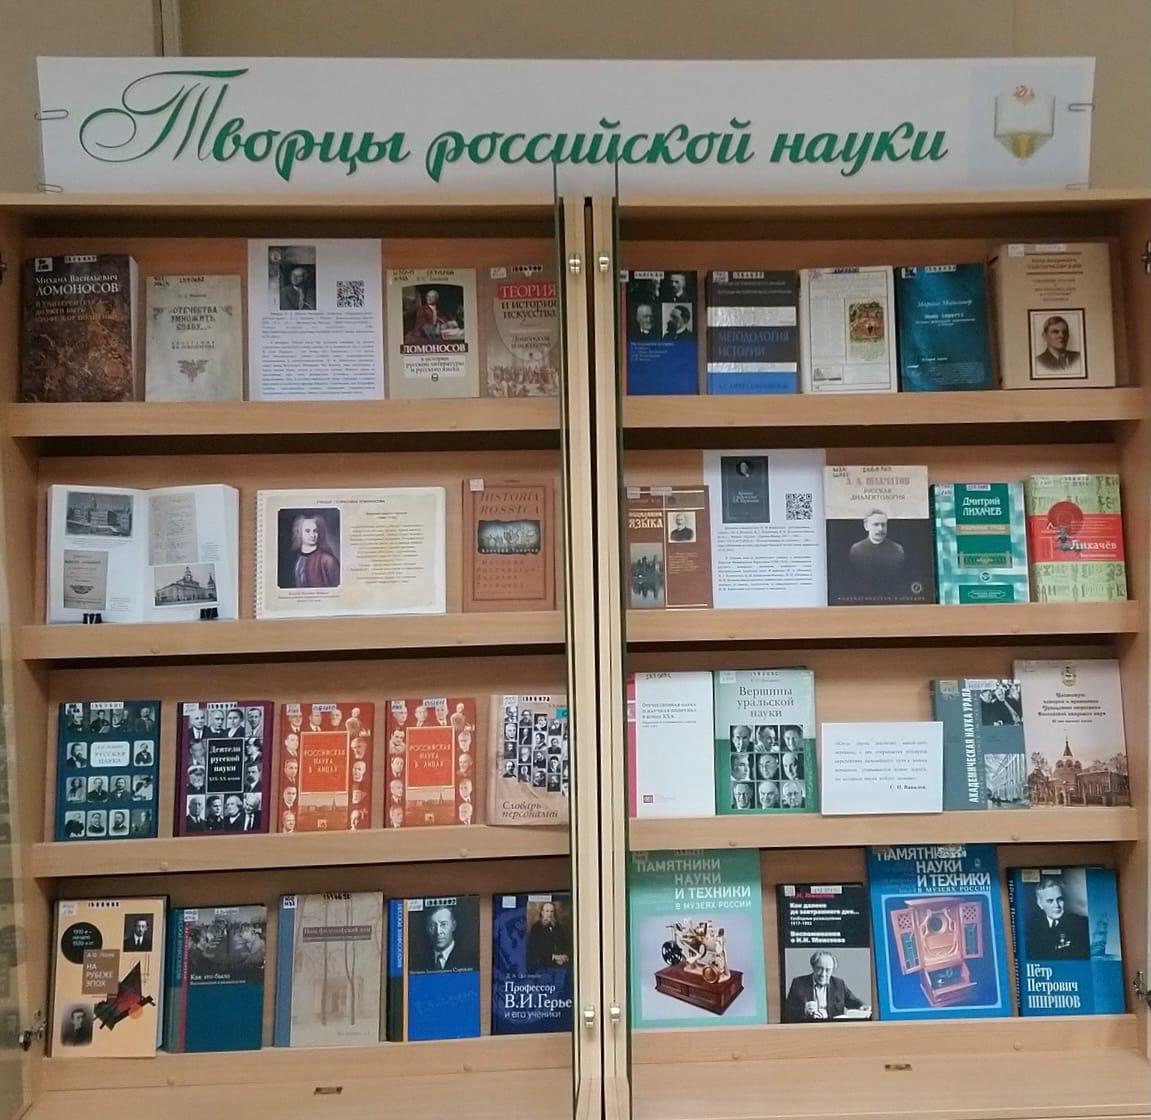 Творцы российской науки